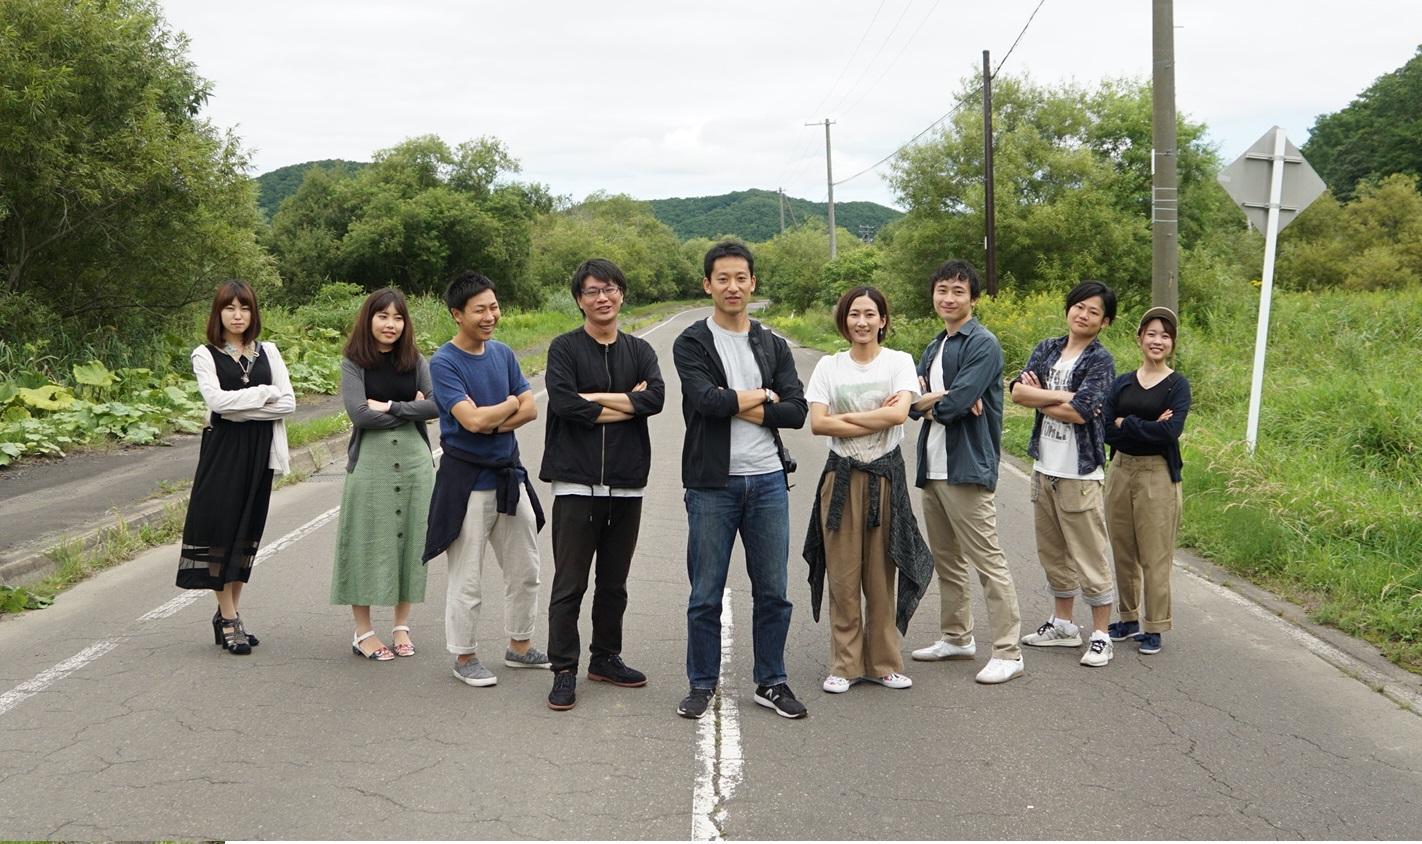 第1回 MOVED大人の修学旅行 in 釧路